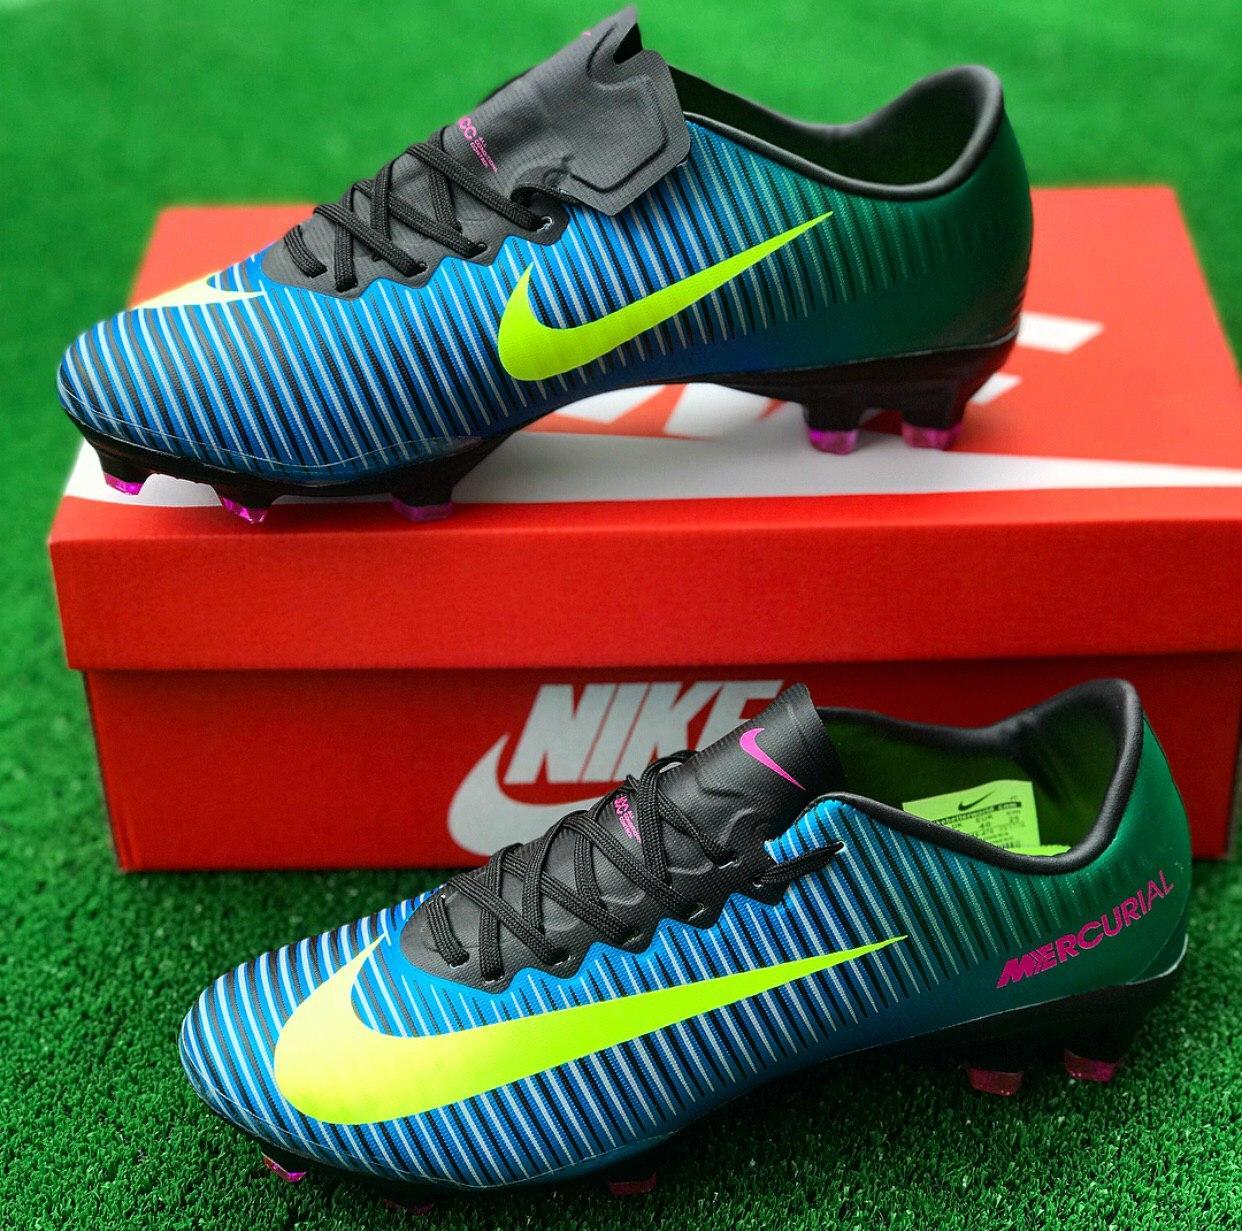 4a2efd57 Бутсы (Найк Меркуриал) Nike Mercurial XI FG - Sport Exclusive магазин  футбольной экипировки в